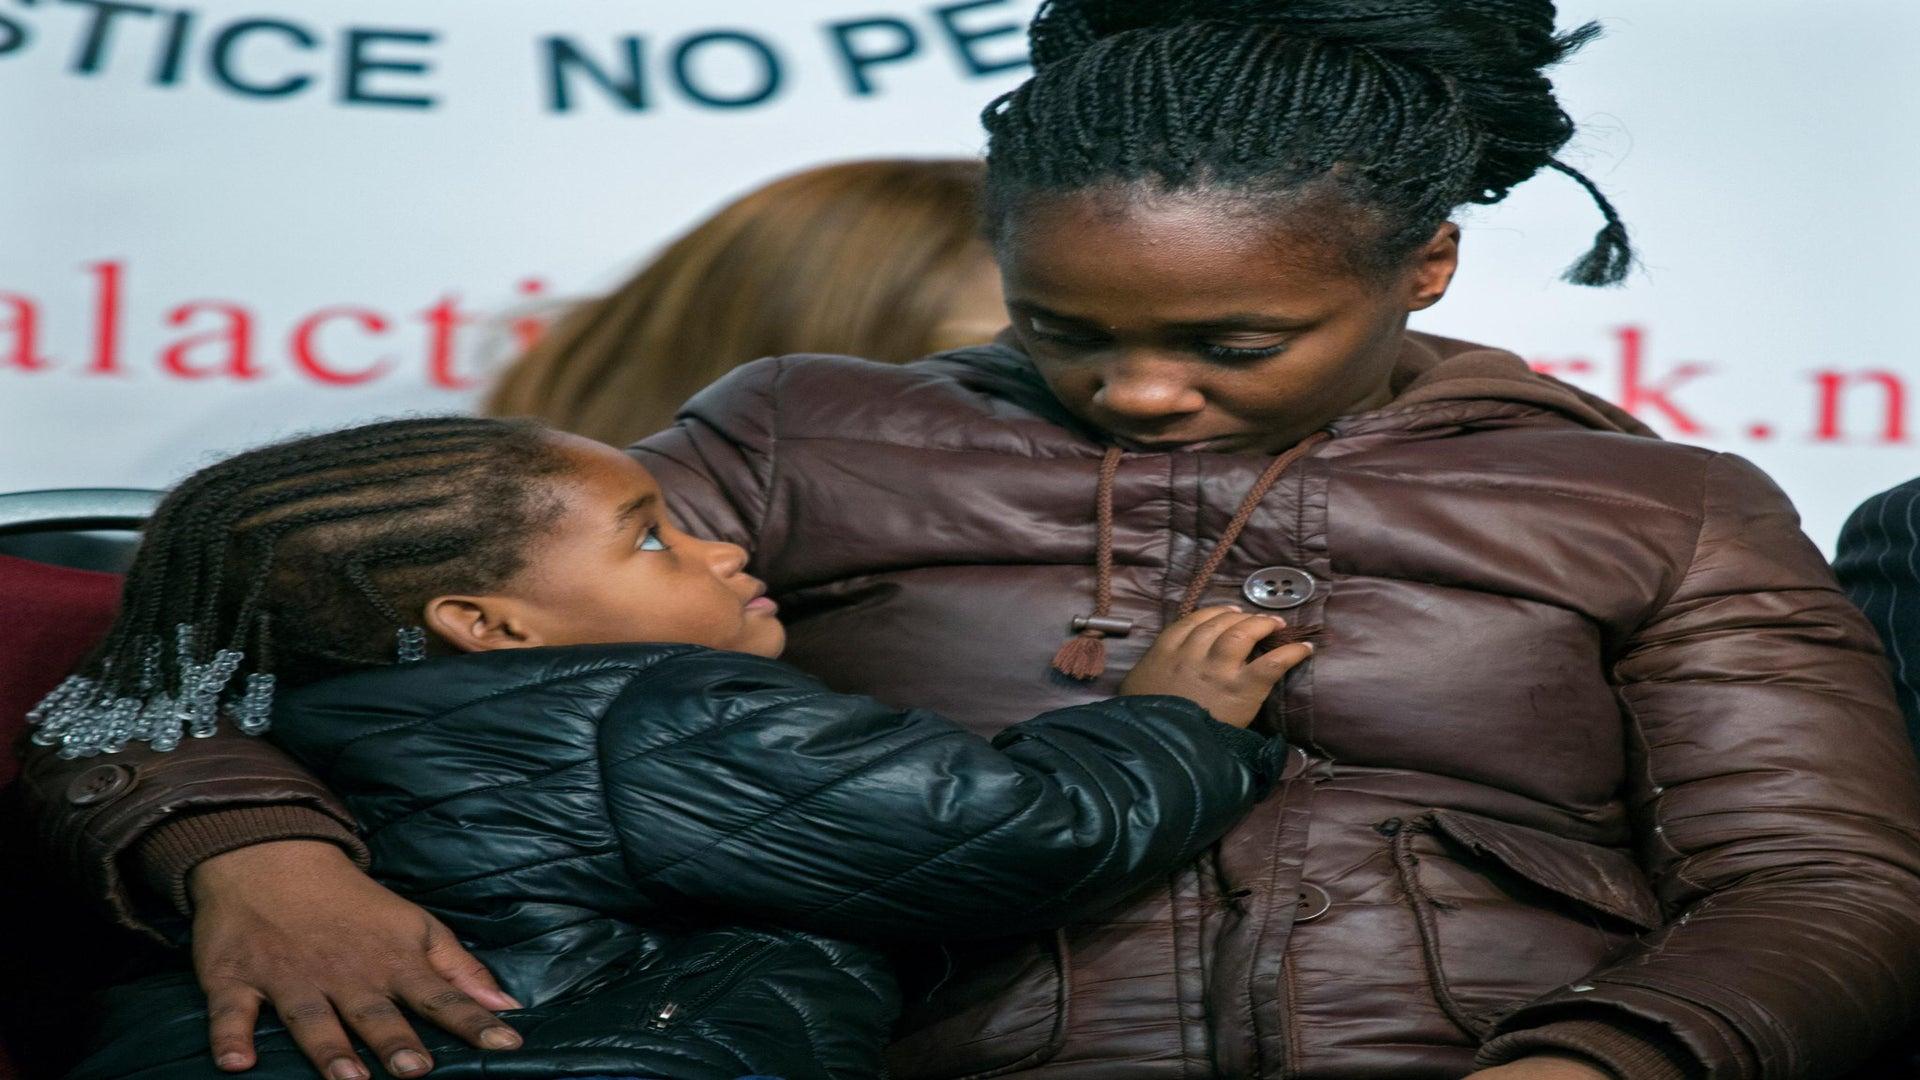 Kimberly Ballinger, Girlfriend of Slain Brooklyn Man Akai Gurley, Seeking $50 Million in Wrongful Death Suit